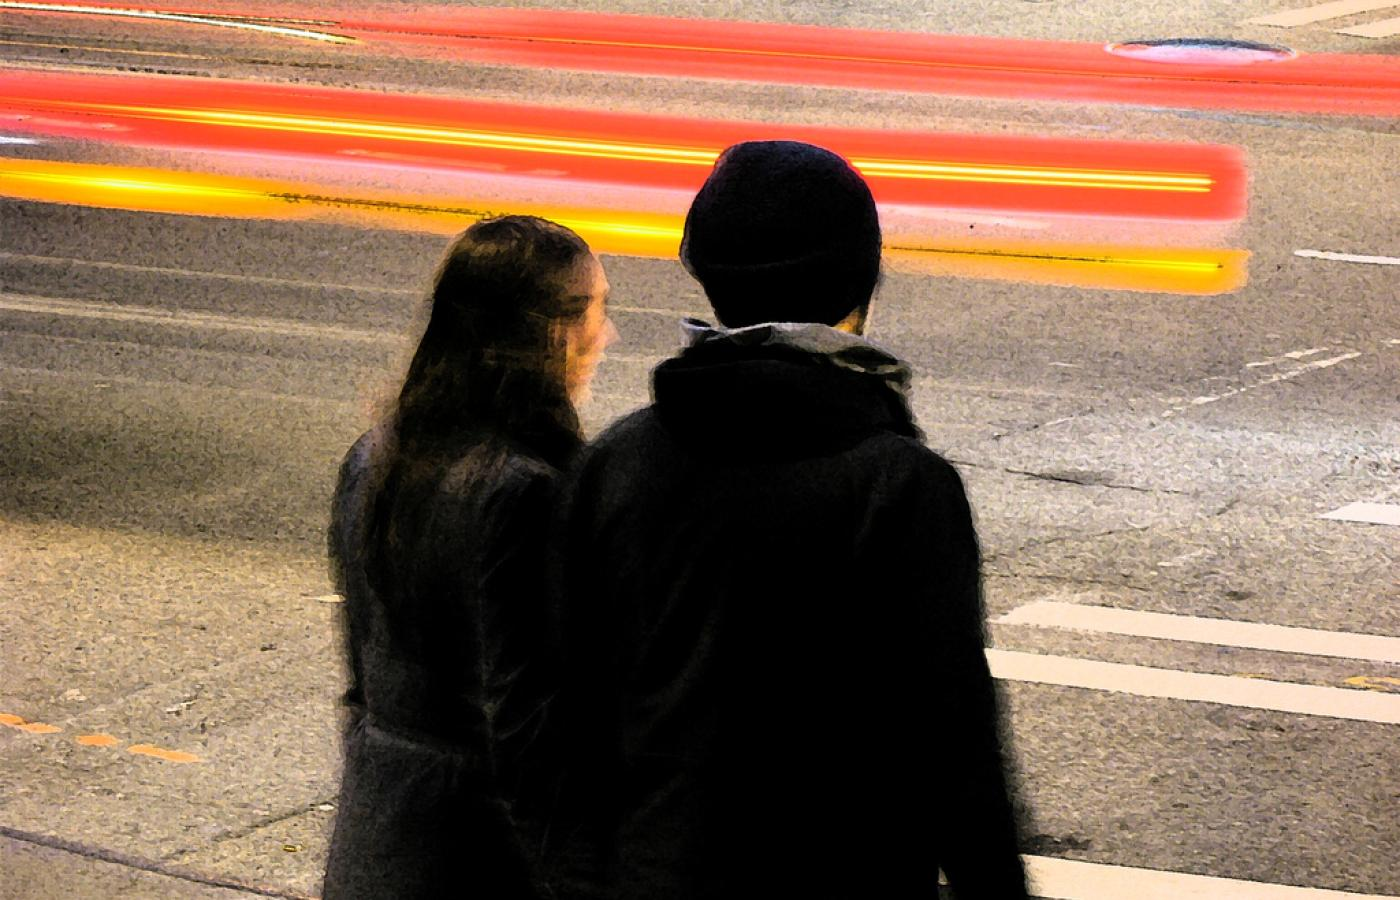 randki w ugali kampali